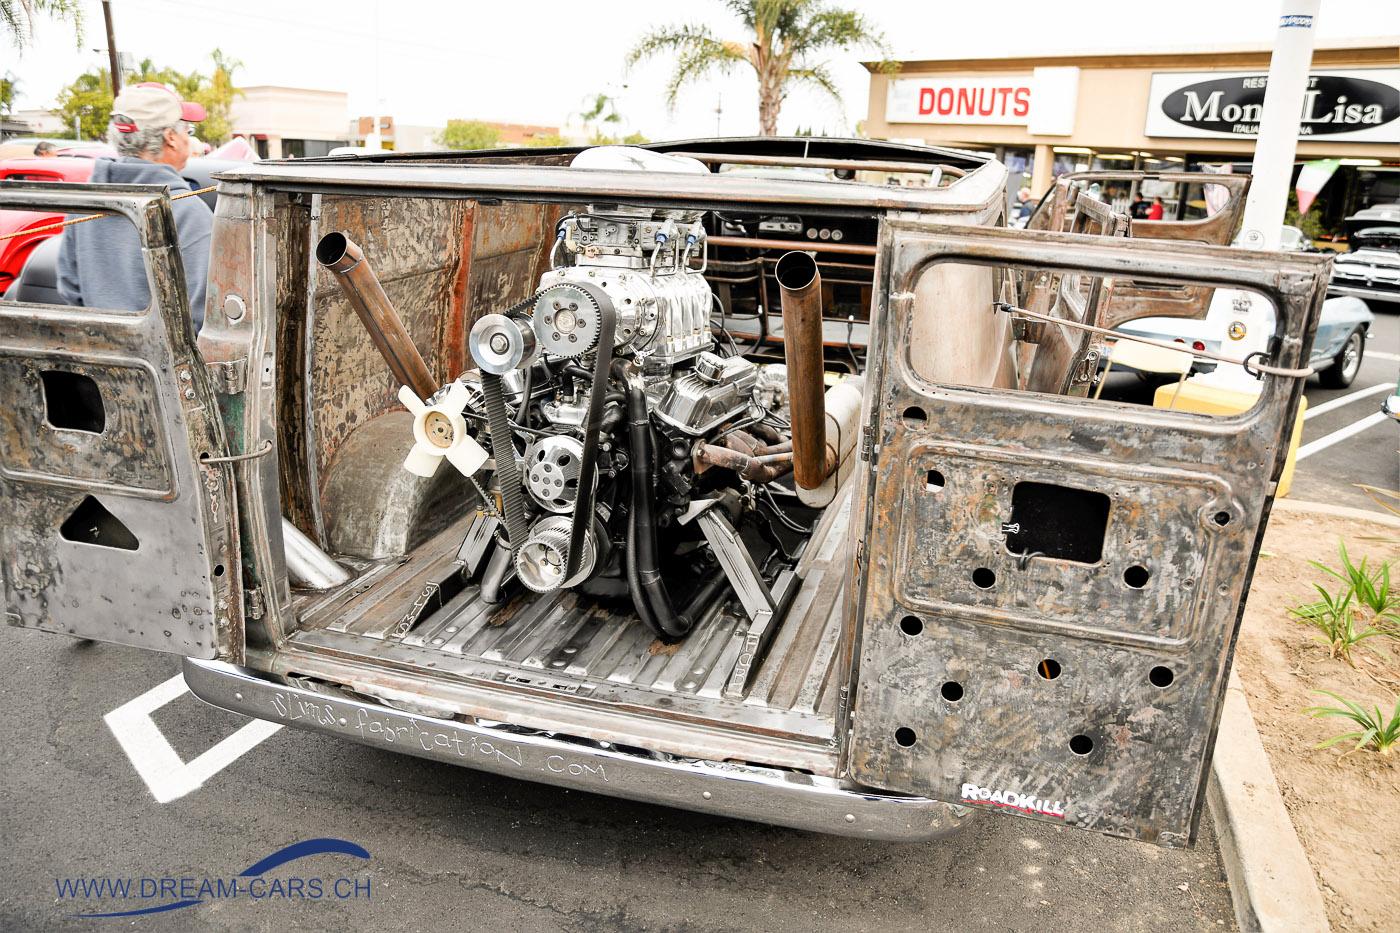 Donut Derelicts in Huntington Beach, CA. Nicht mehr ganz der Originalzustand des Dodge-Lieferwagens